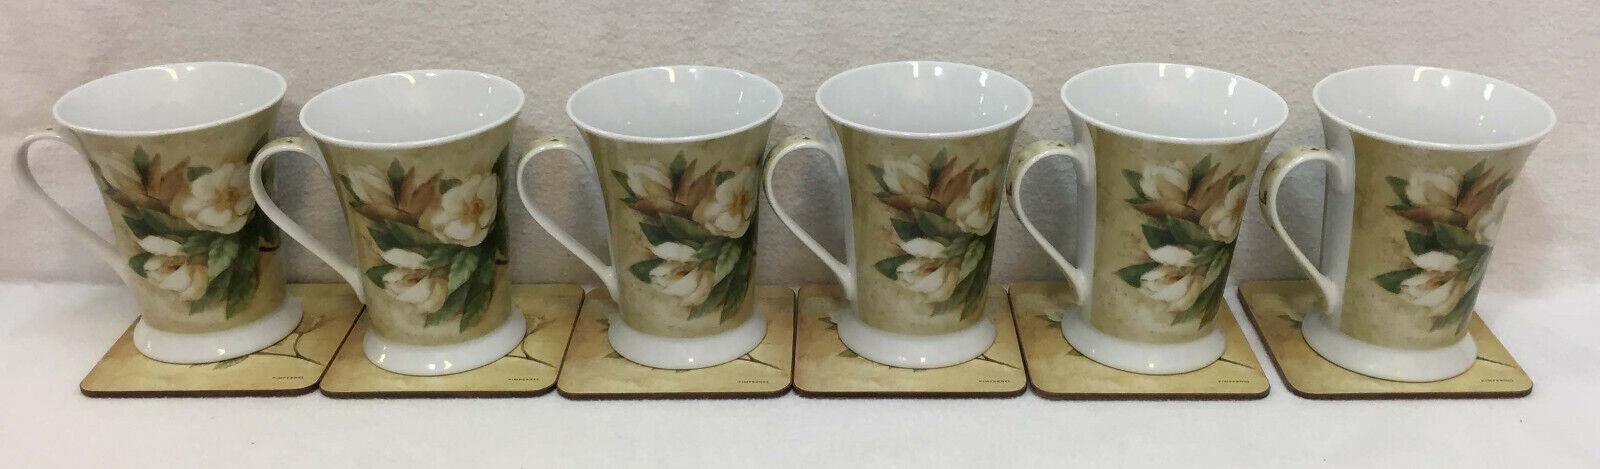 Pimpernel Tasse à Café & Dessous De Verre Lot de 12 sucre Magnolia Fleur porcelaine anciens